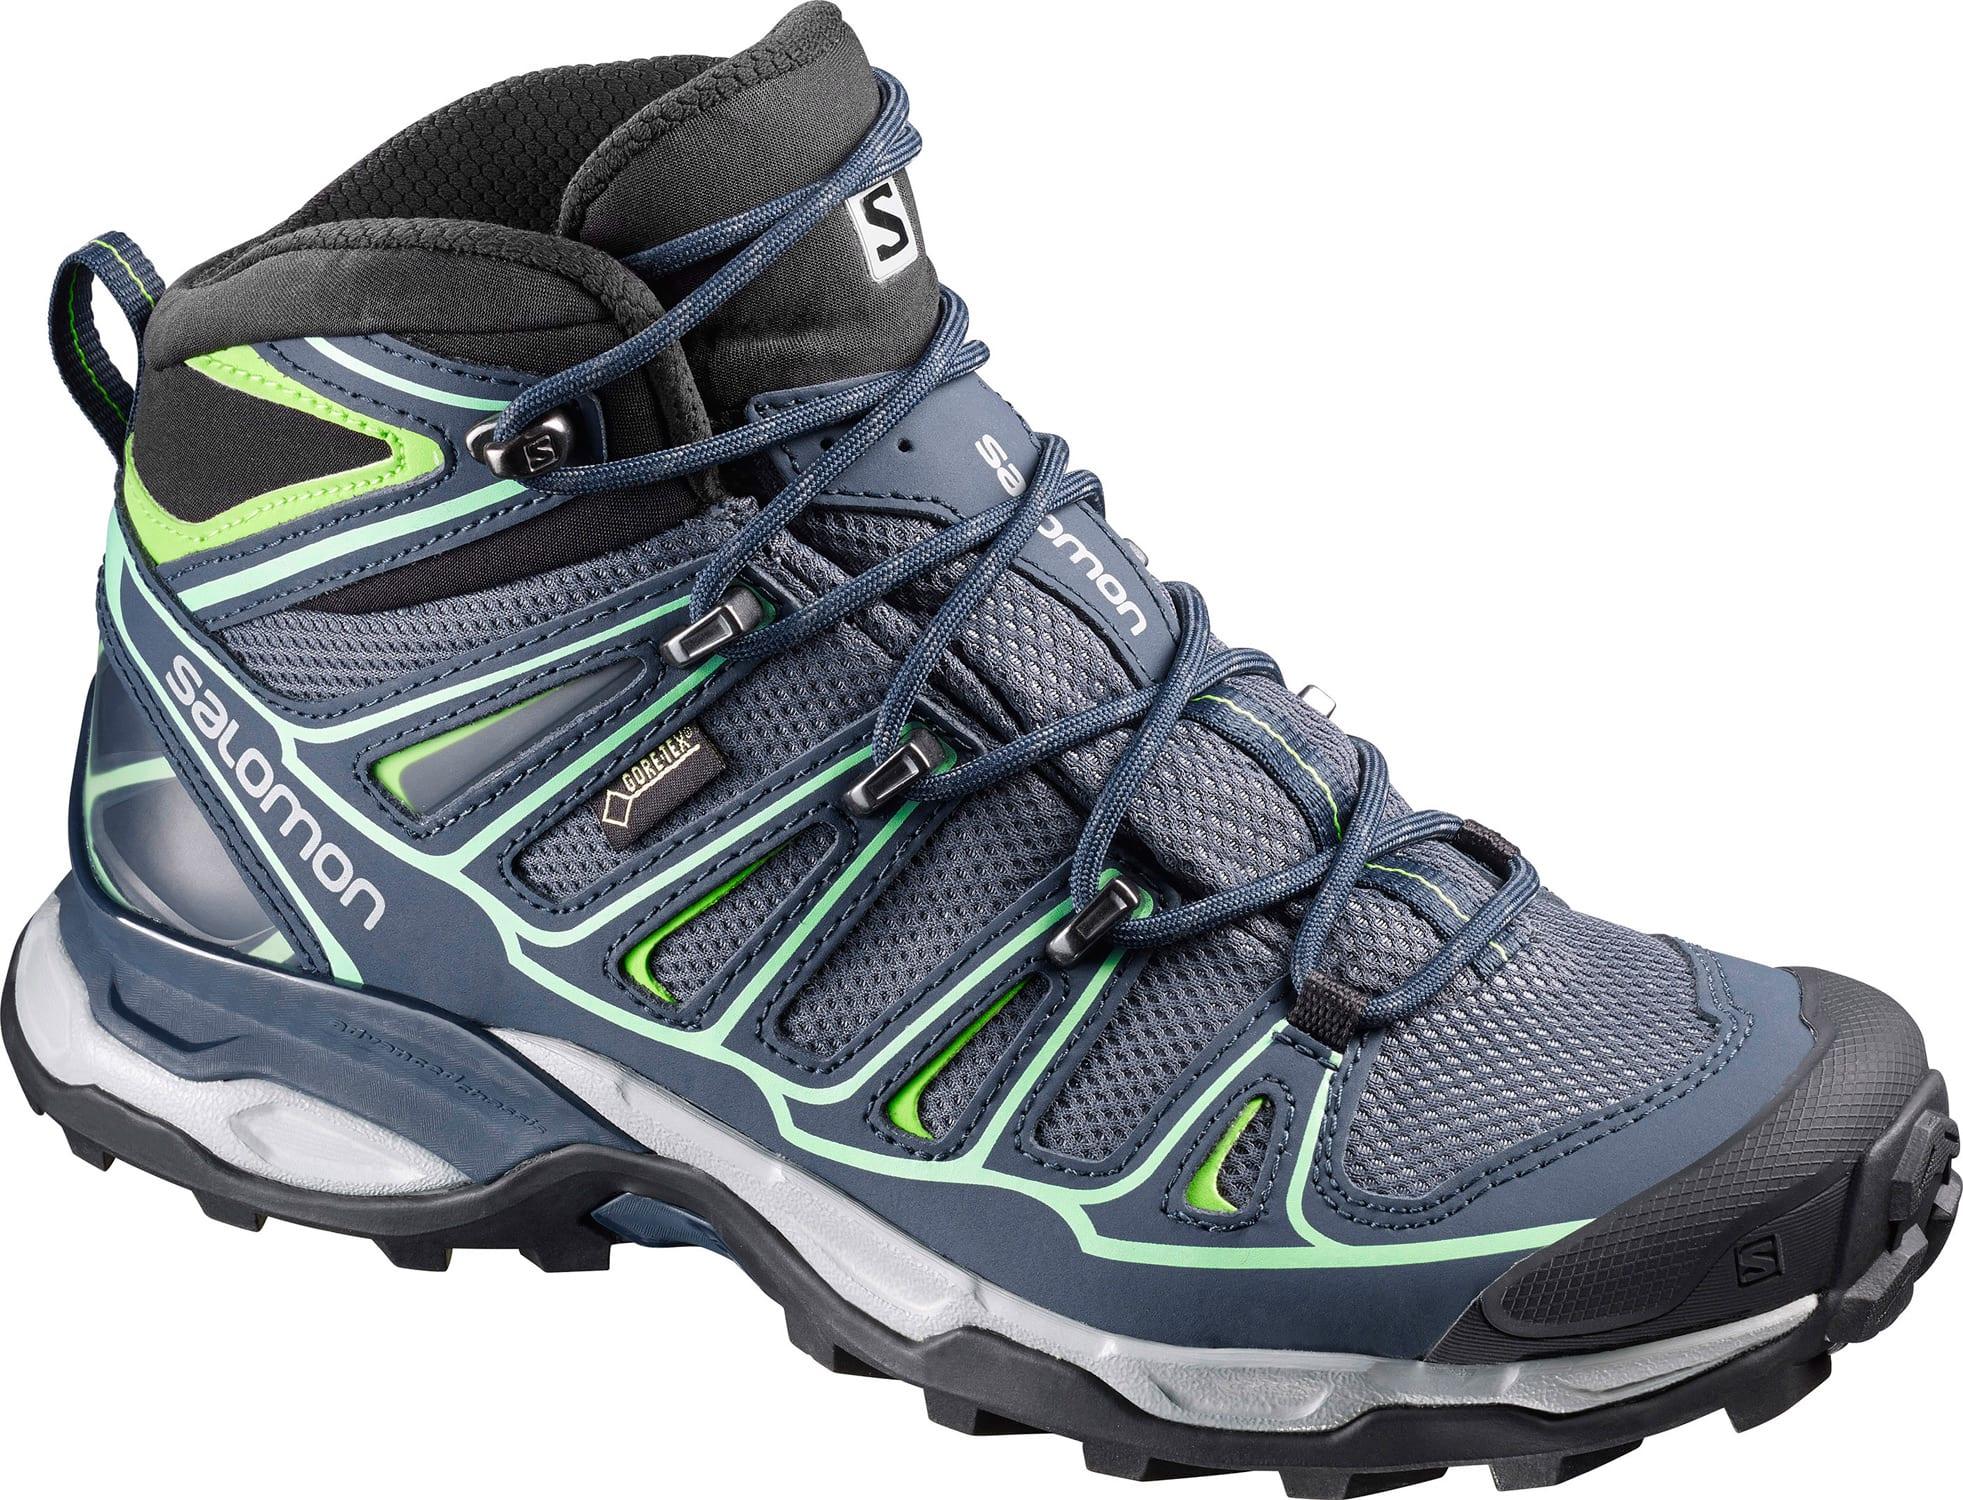 Salomon X Ultra Mid 2 Gtx Hiking Boots Womens